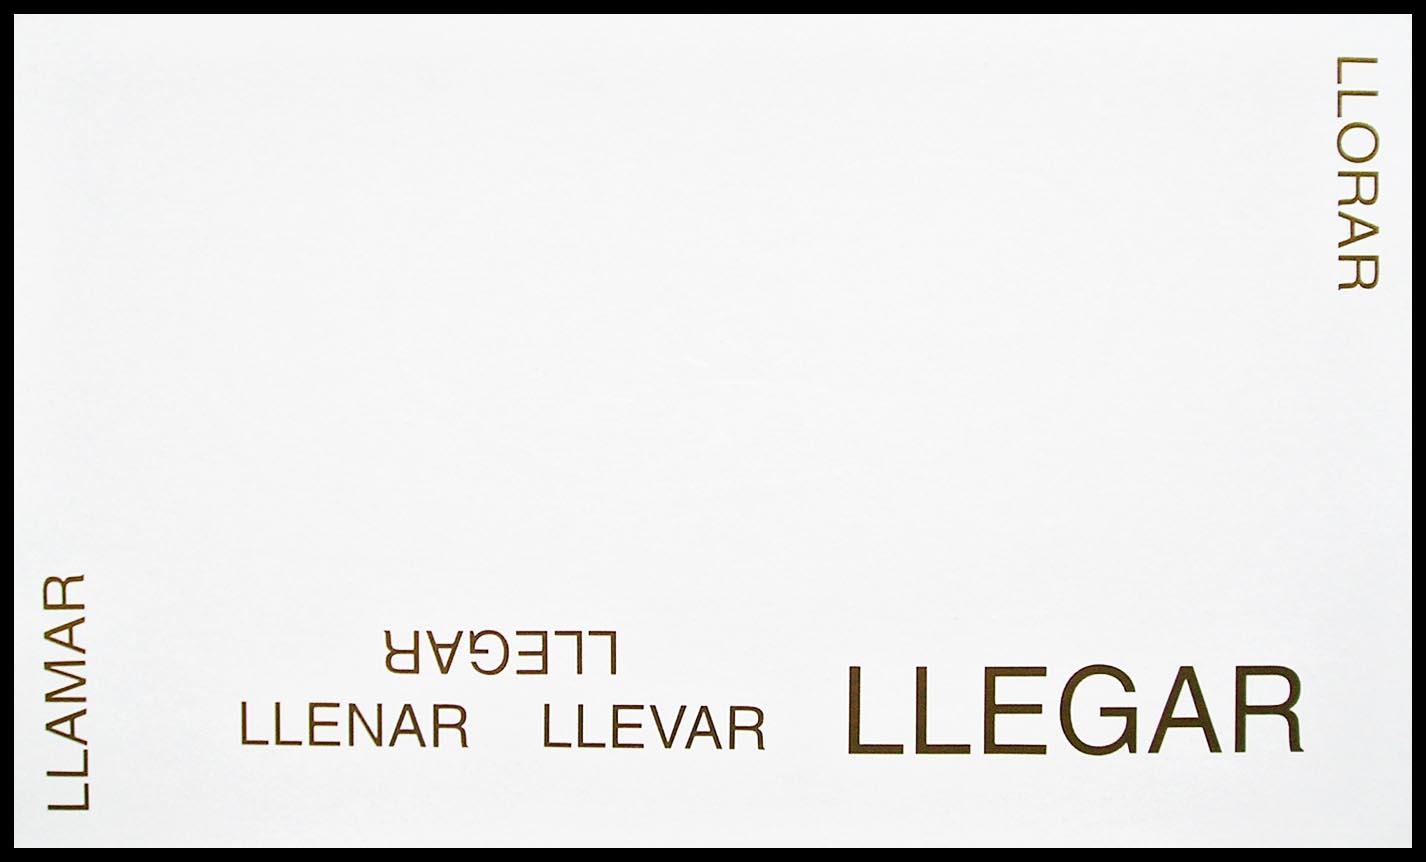 Abecedario, LL; papel collage, 29 cm x 49 cm, 2003